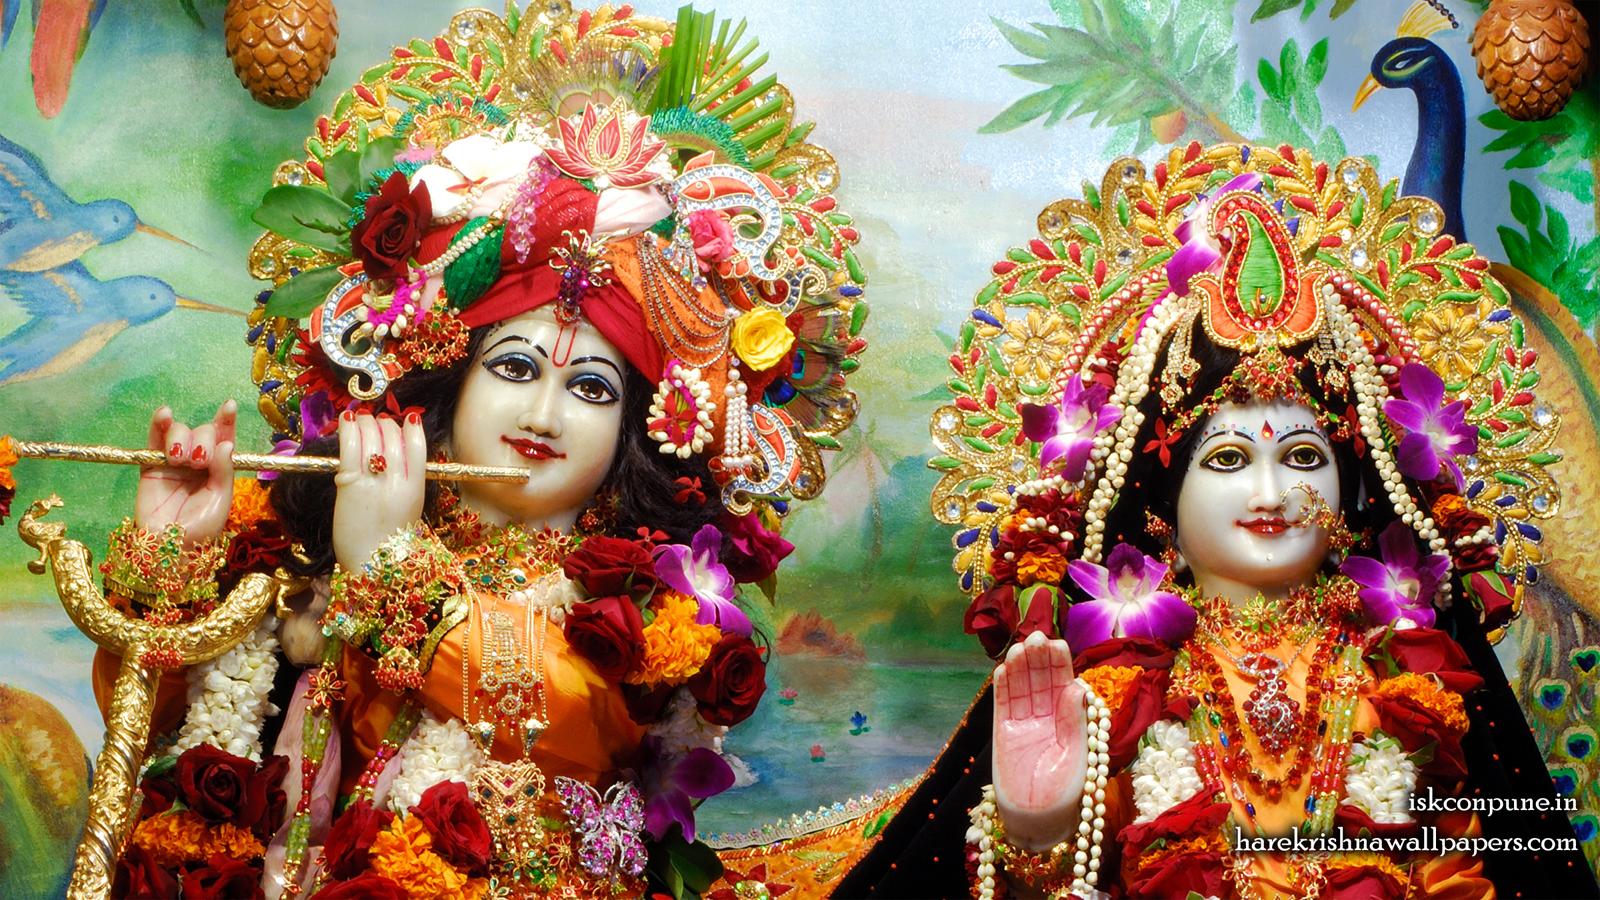 Sri Sri Radha Kunjabihari Close up Wallpaper (001) Size 1600x900 Download